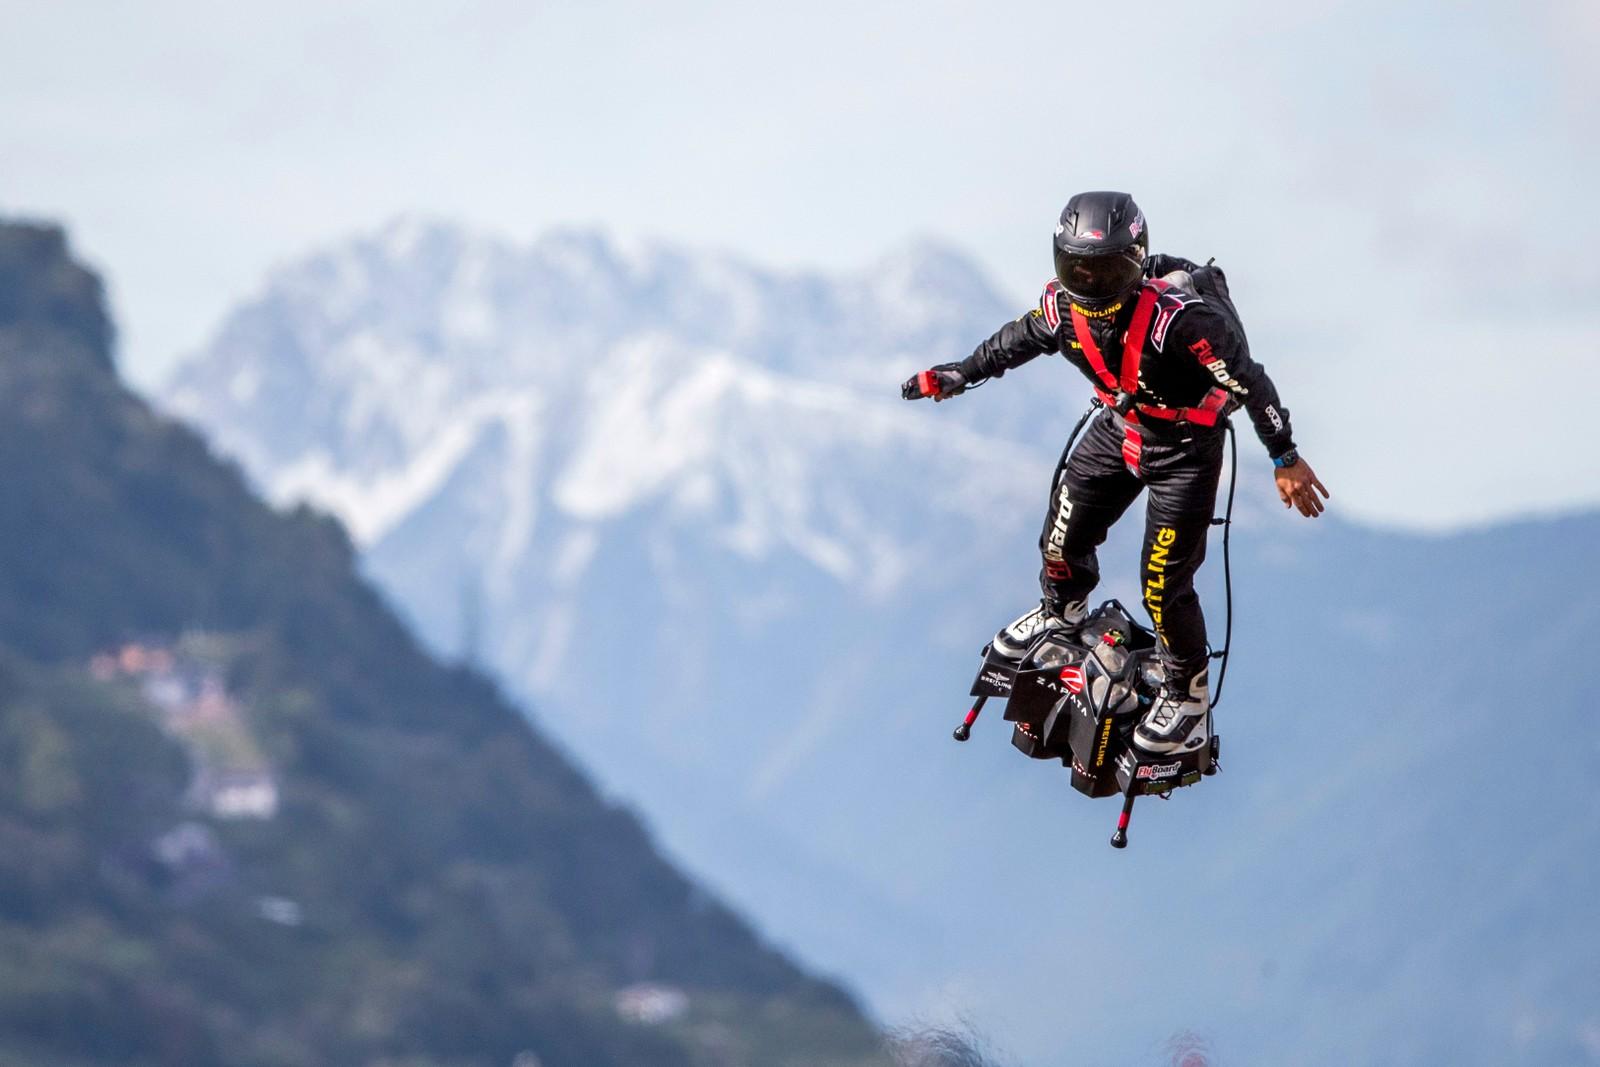 """Franky Zapata viser seg fram på et såkalt flyboard under """"International Breitling Airshow"""" i Sion i Sveits."""